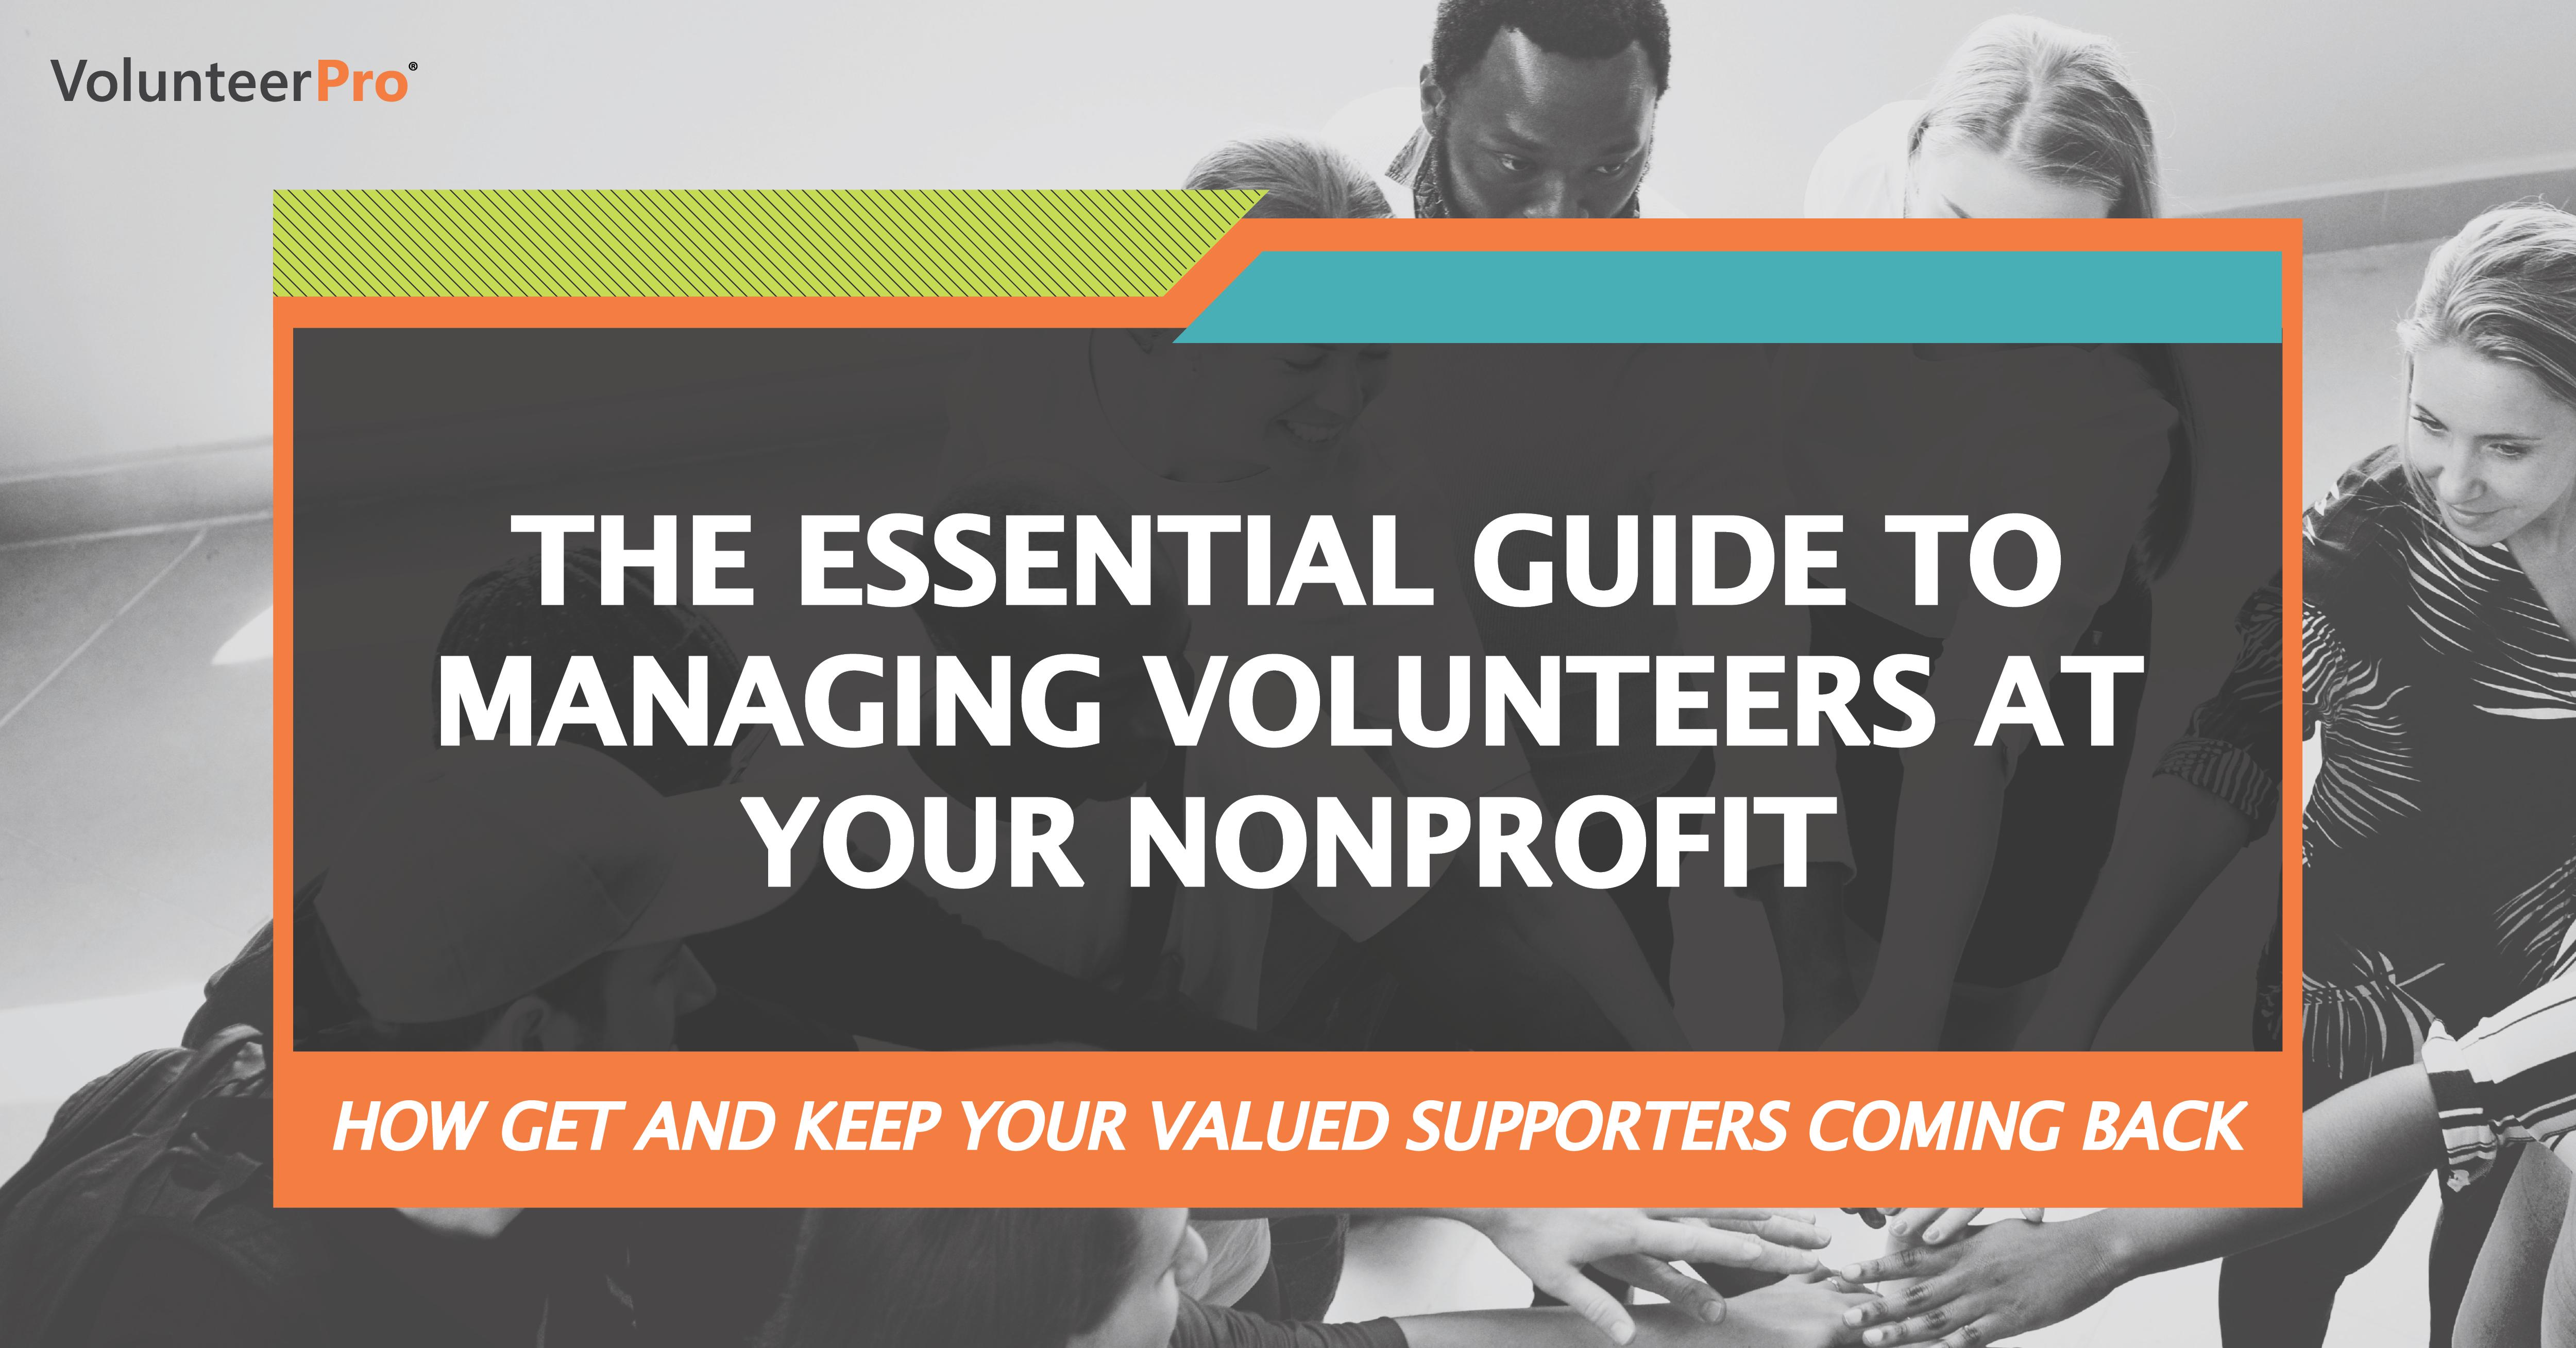 Effective Volunteer Recruitment Is Right Here - VolunteerPro